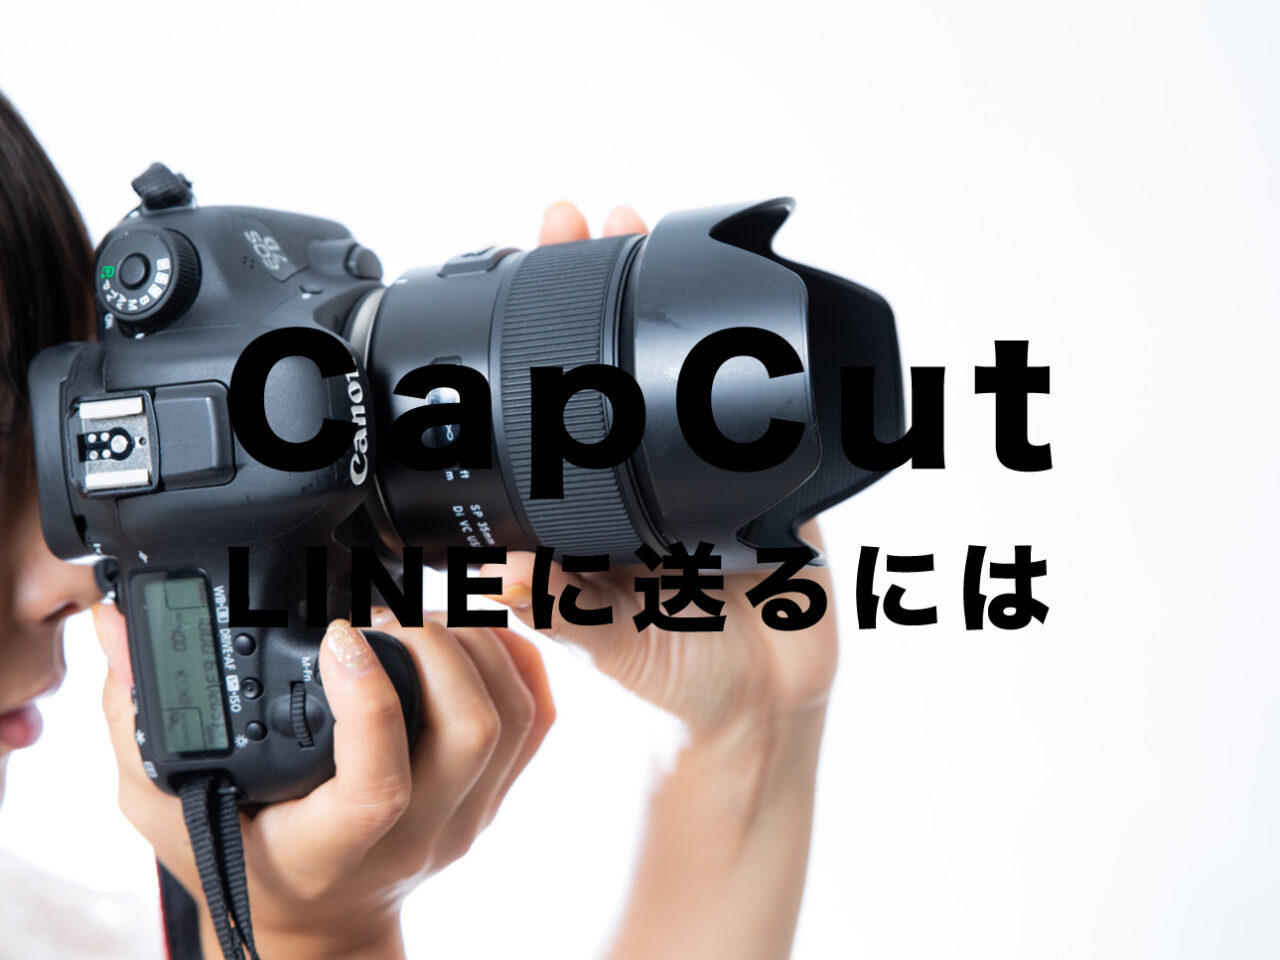 CapCut(キャップカット)の動画をLINE(ライン)に送る方法を解説!のサムネイル画像